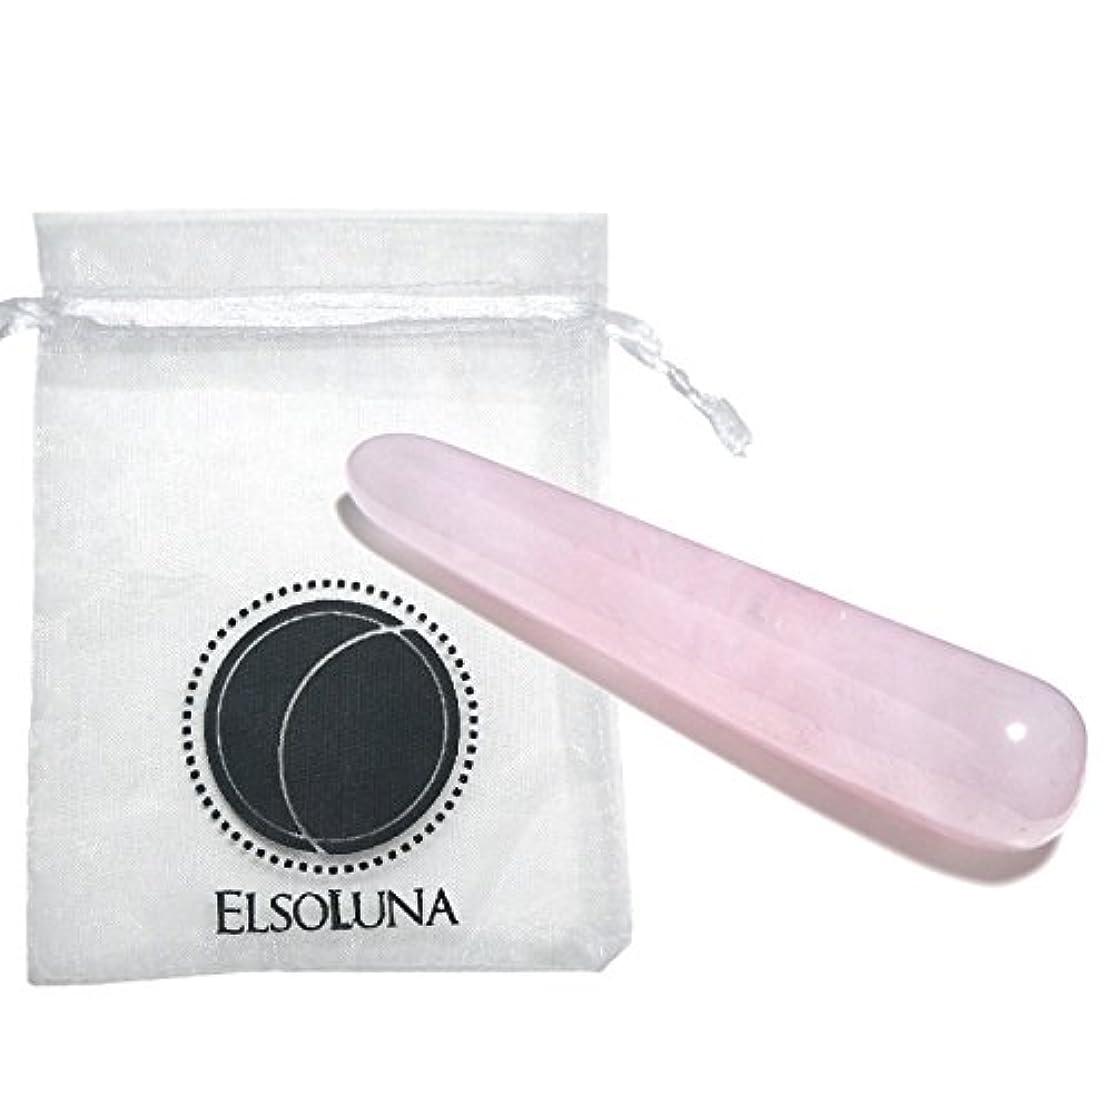 参照安全のホストElsoluna(エルソルーナ) かっさプレート かっさマッサージ 美顔 天然石 パワーストーン (アウトレット ローズクォーツ スティック型, ピンク)